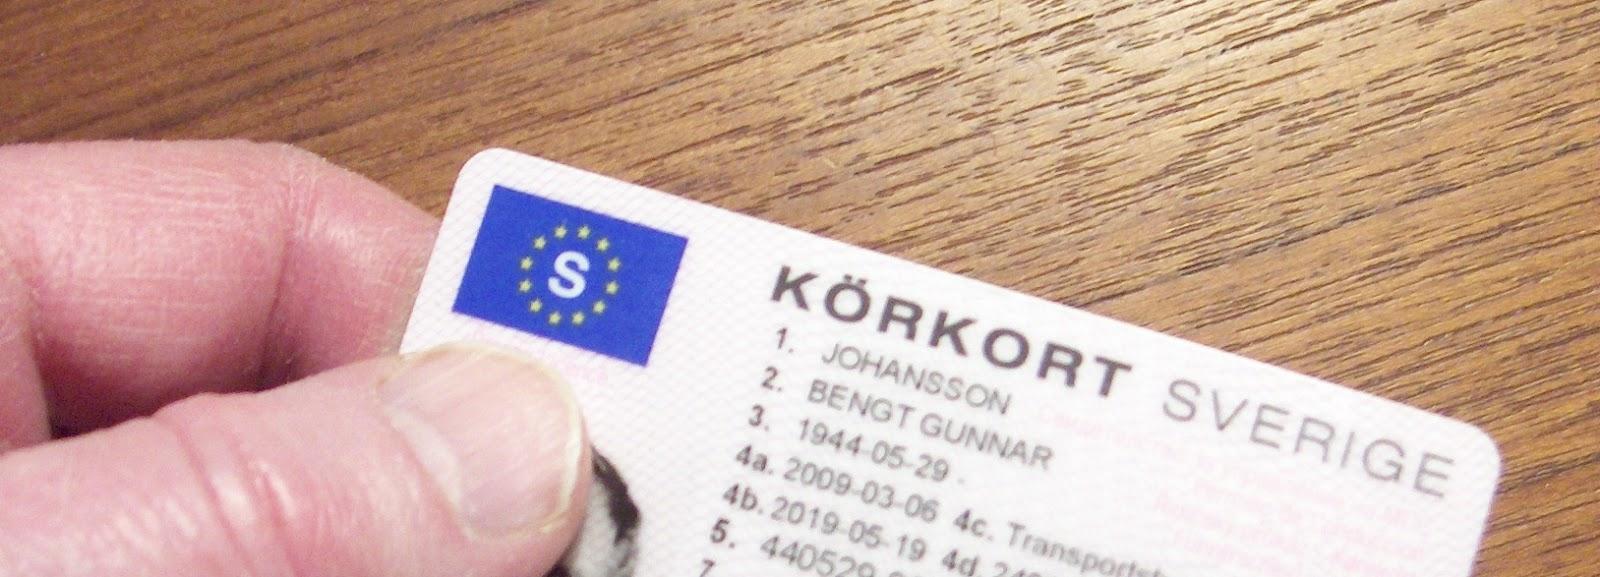 ansökan körkortstillstånd